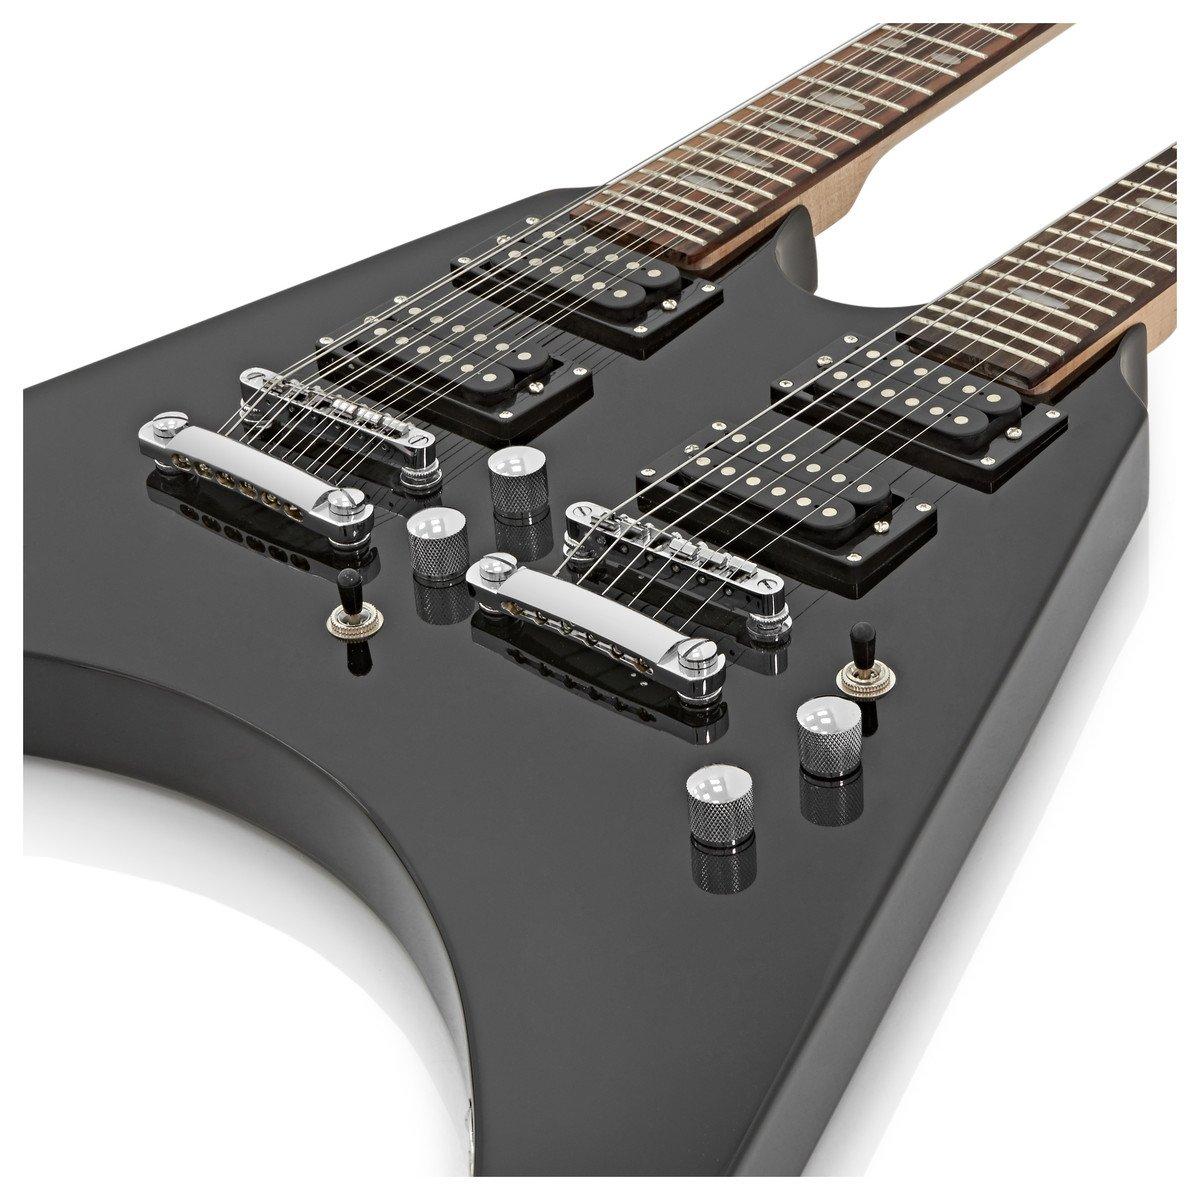 Guitarra Eléctrica Harlem V de Doble Mástil de Gear4music - Negro: Amazon.es: Instrumentos musicales